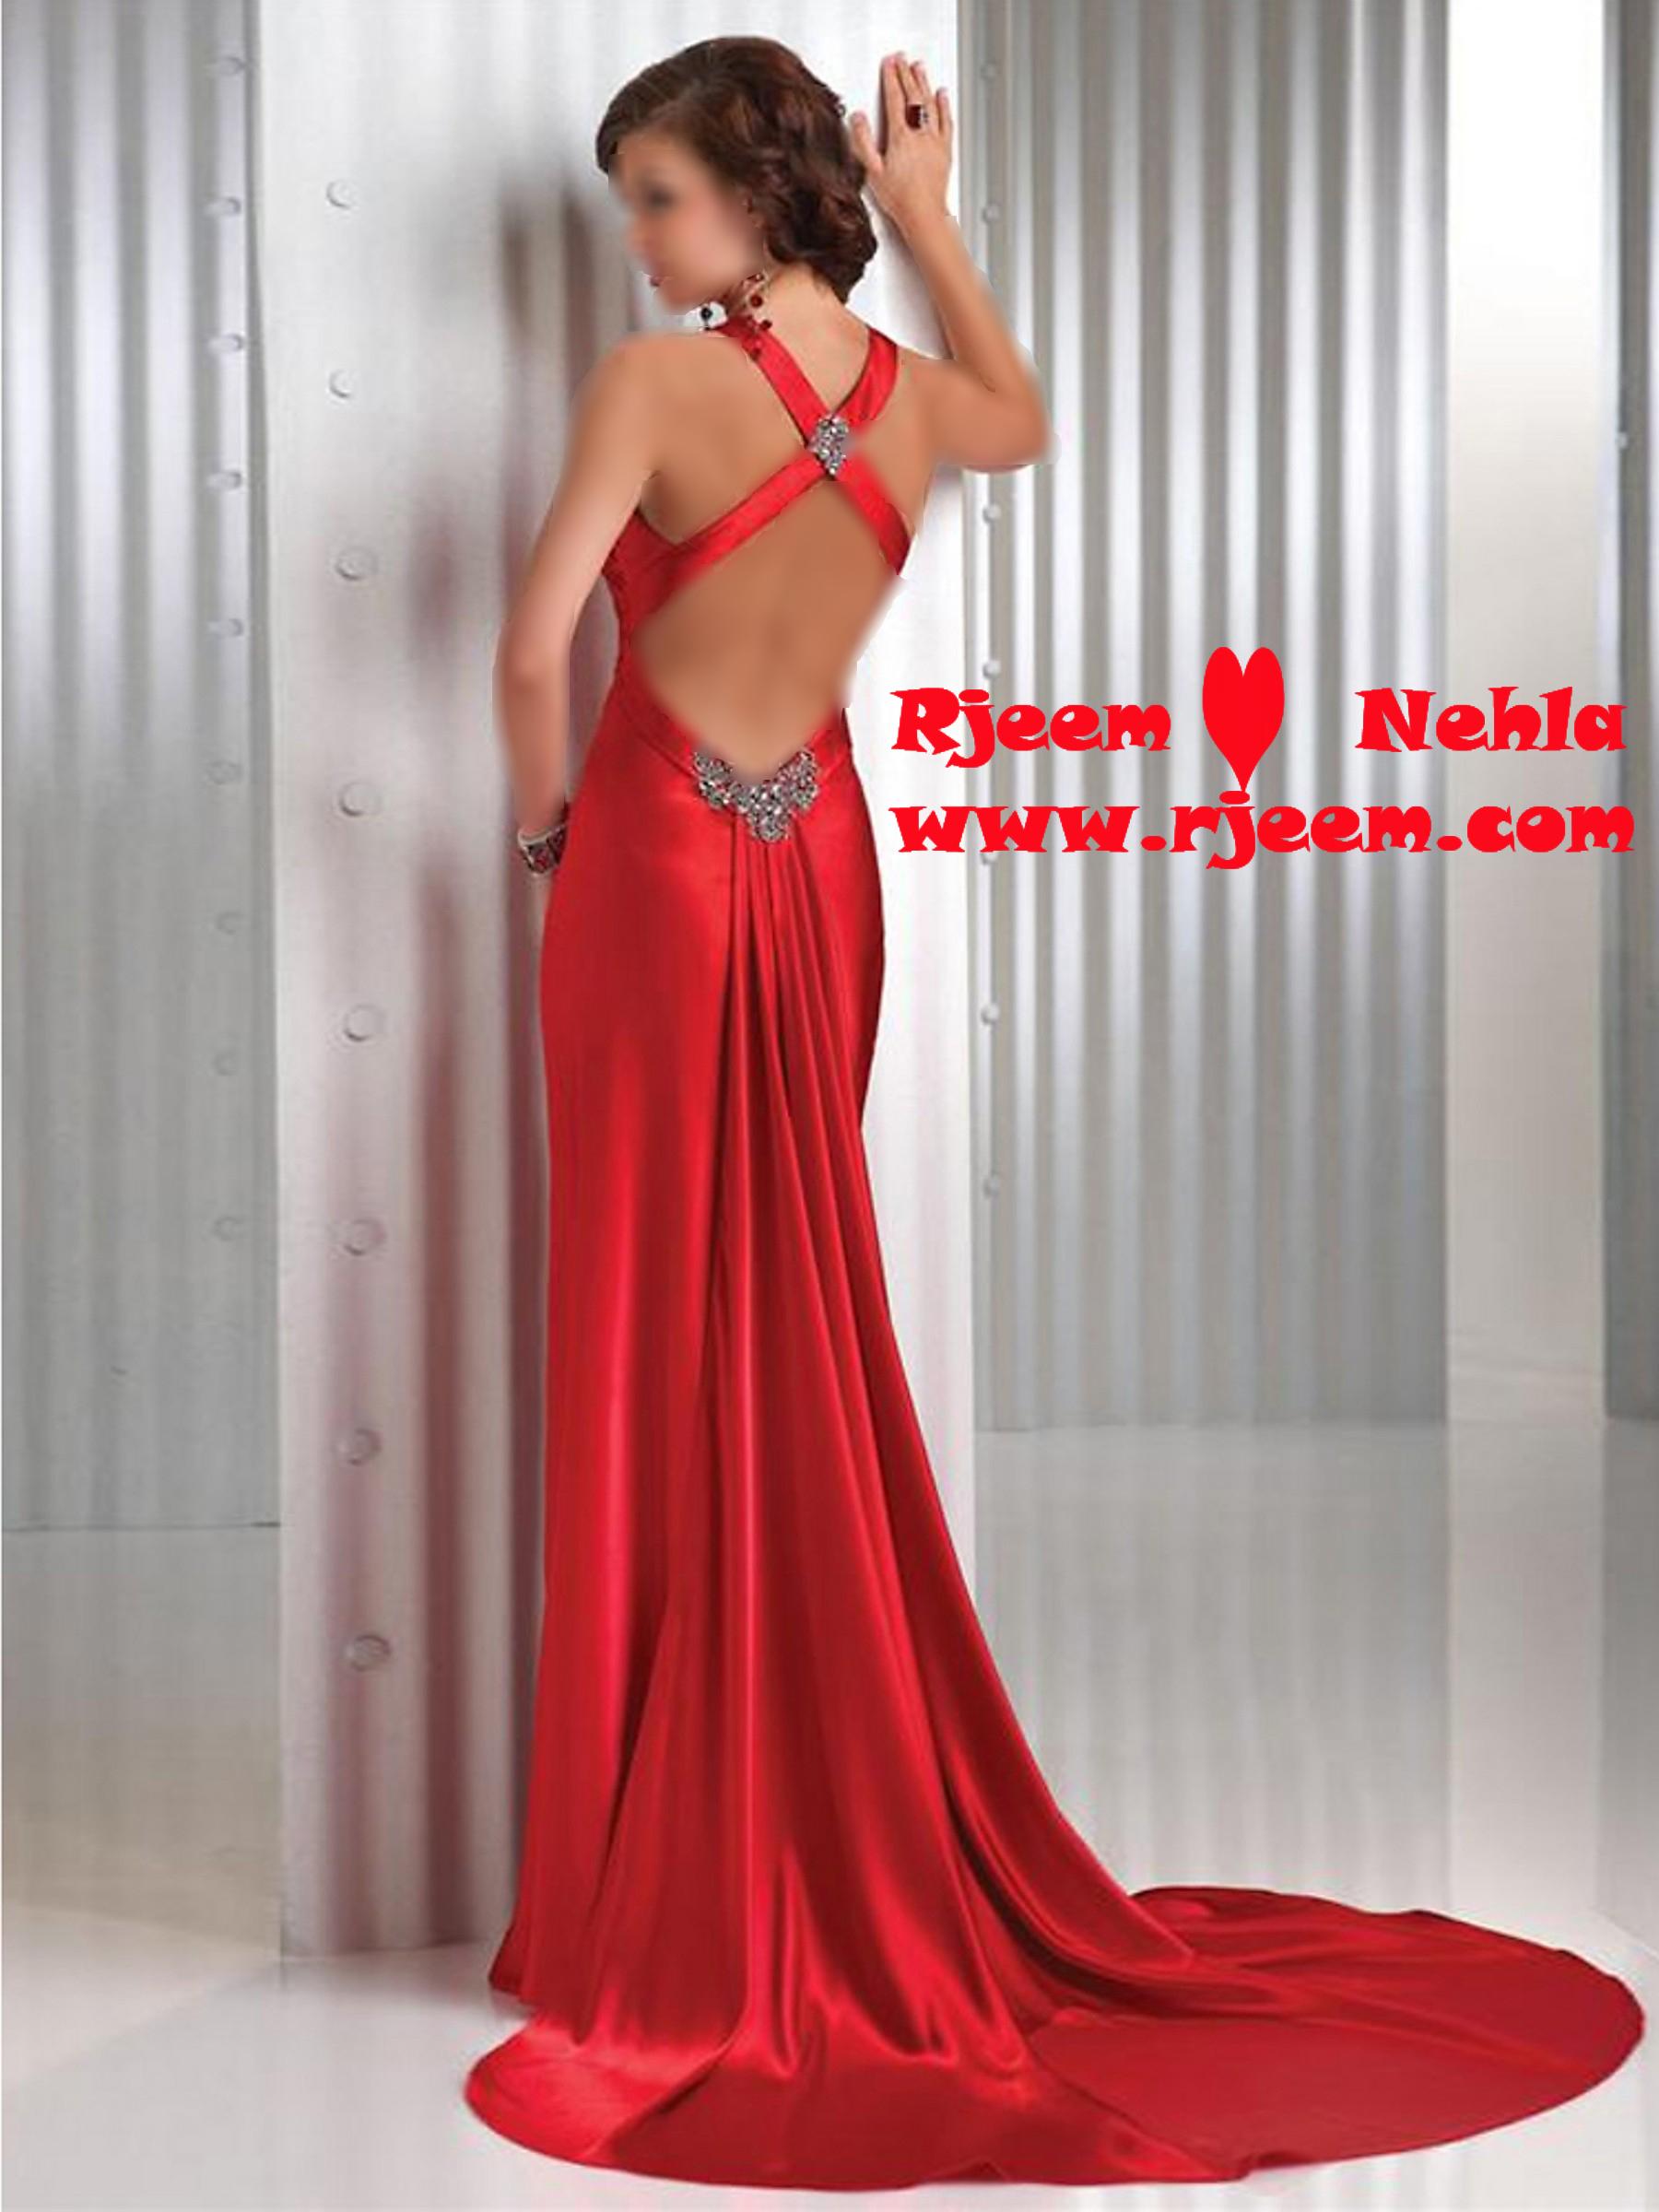 Robes de soirée rouges 13967227672.jpg